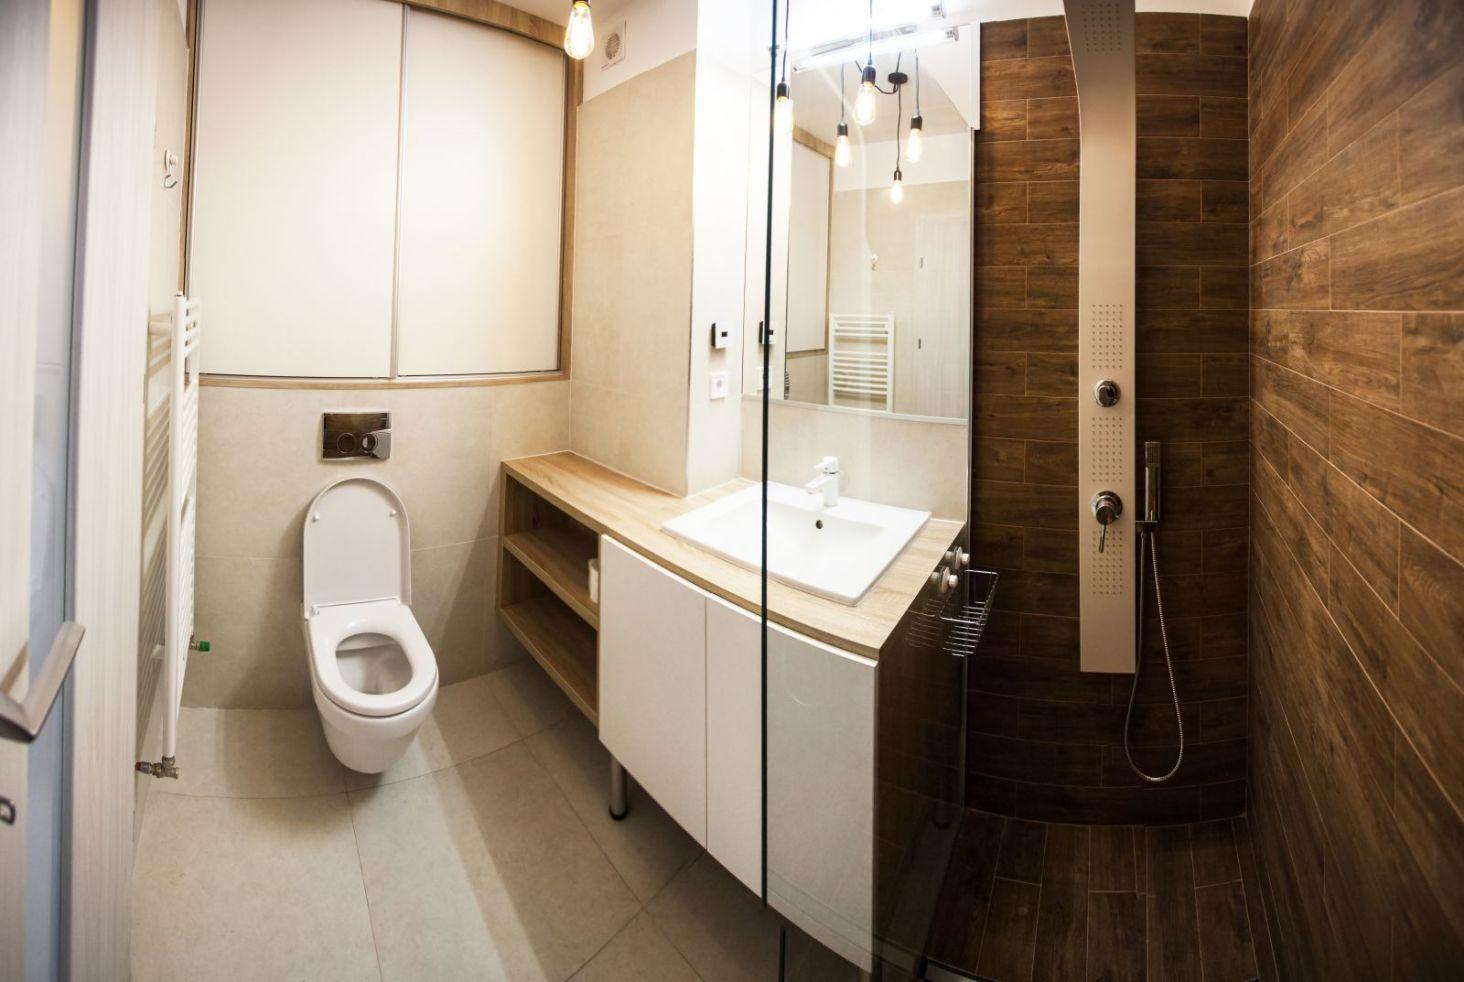 Aranżacja Małej Toalety Jak Urządzić łazienkę W Bloku